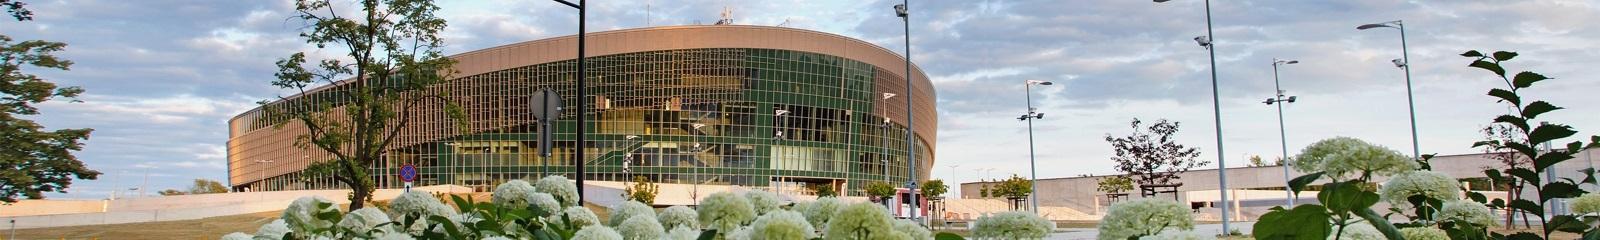 Arena Gliwice w dzień